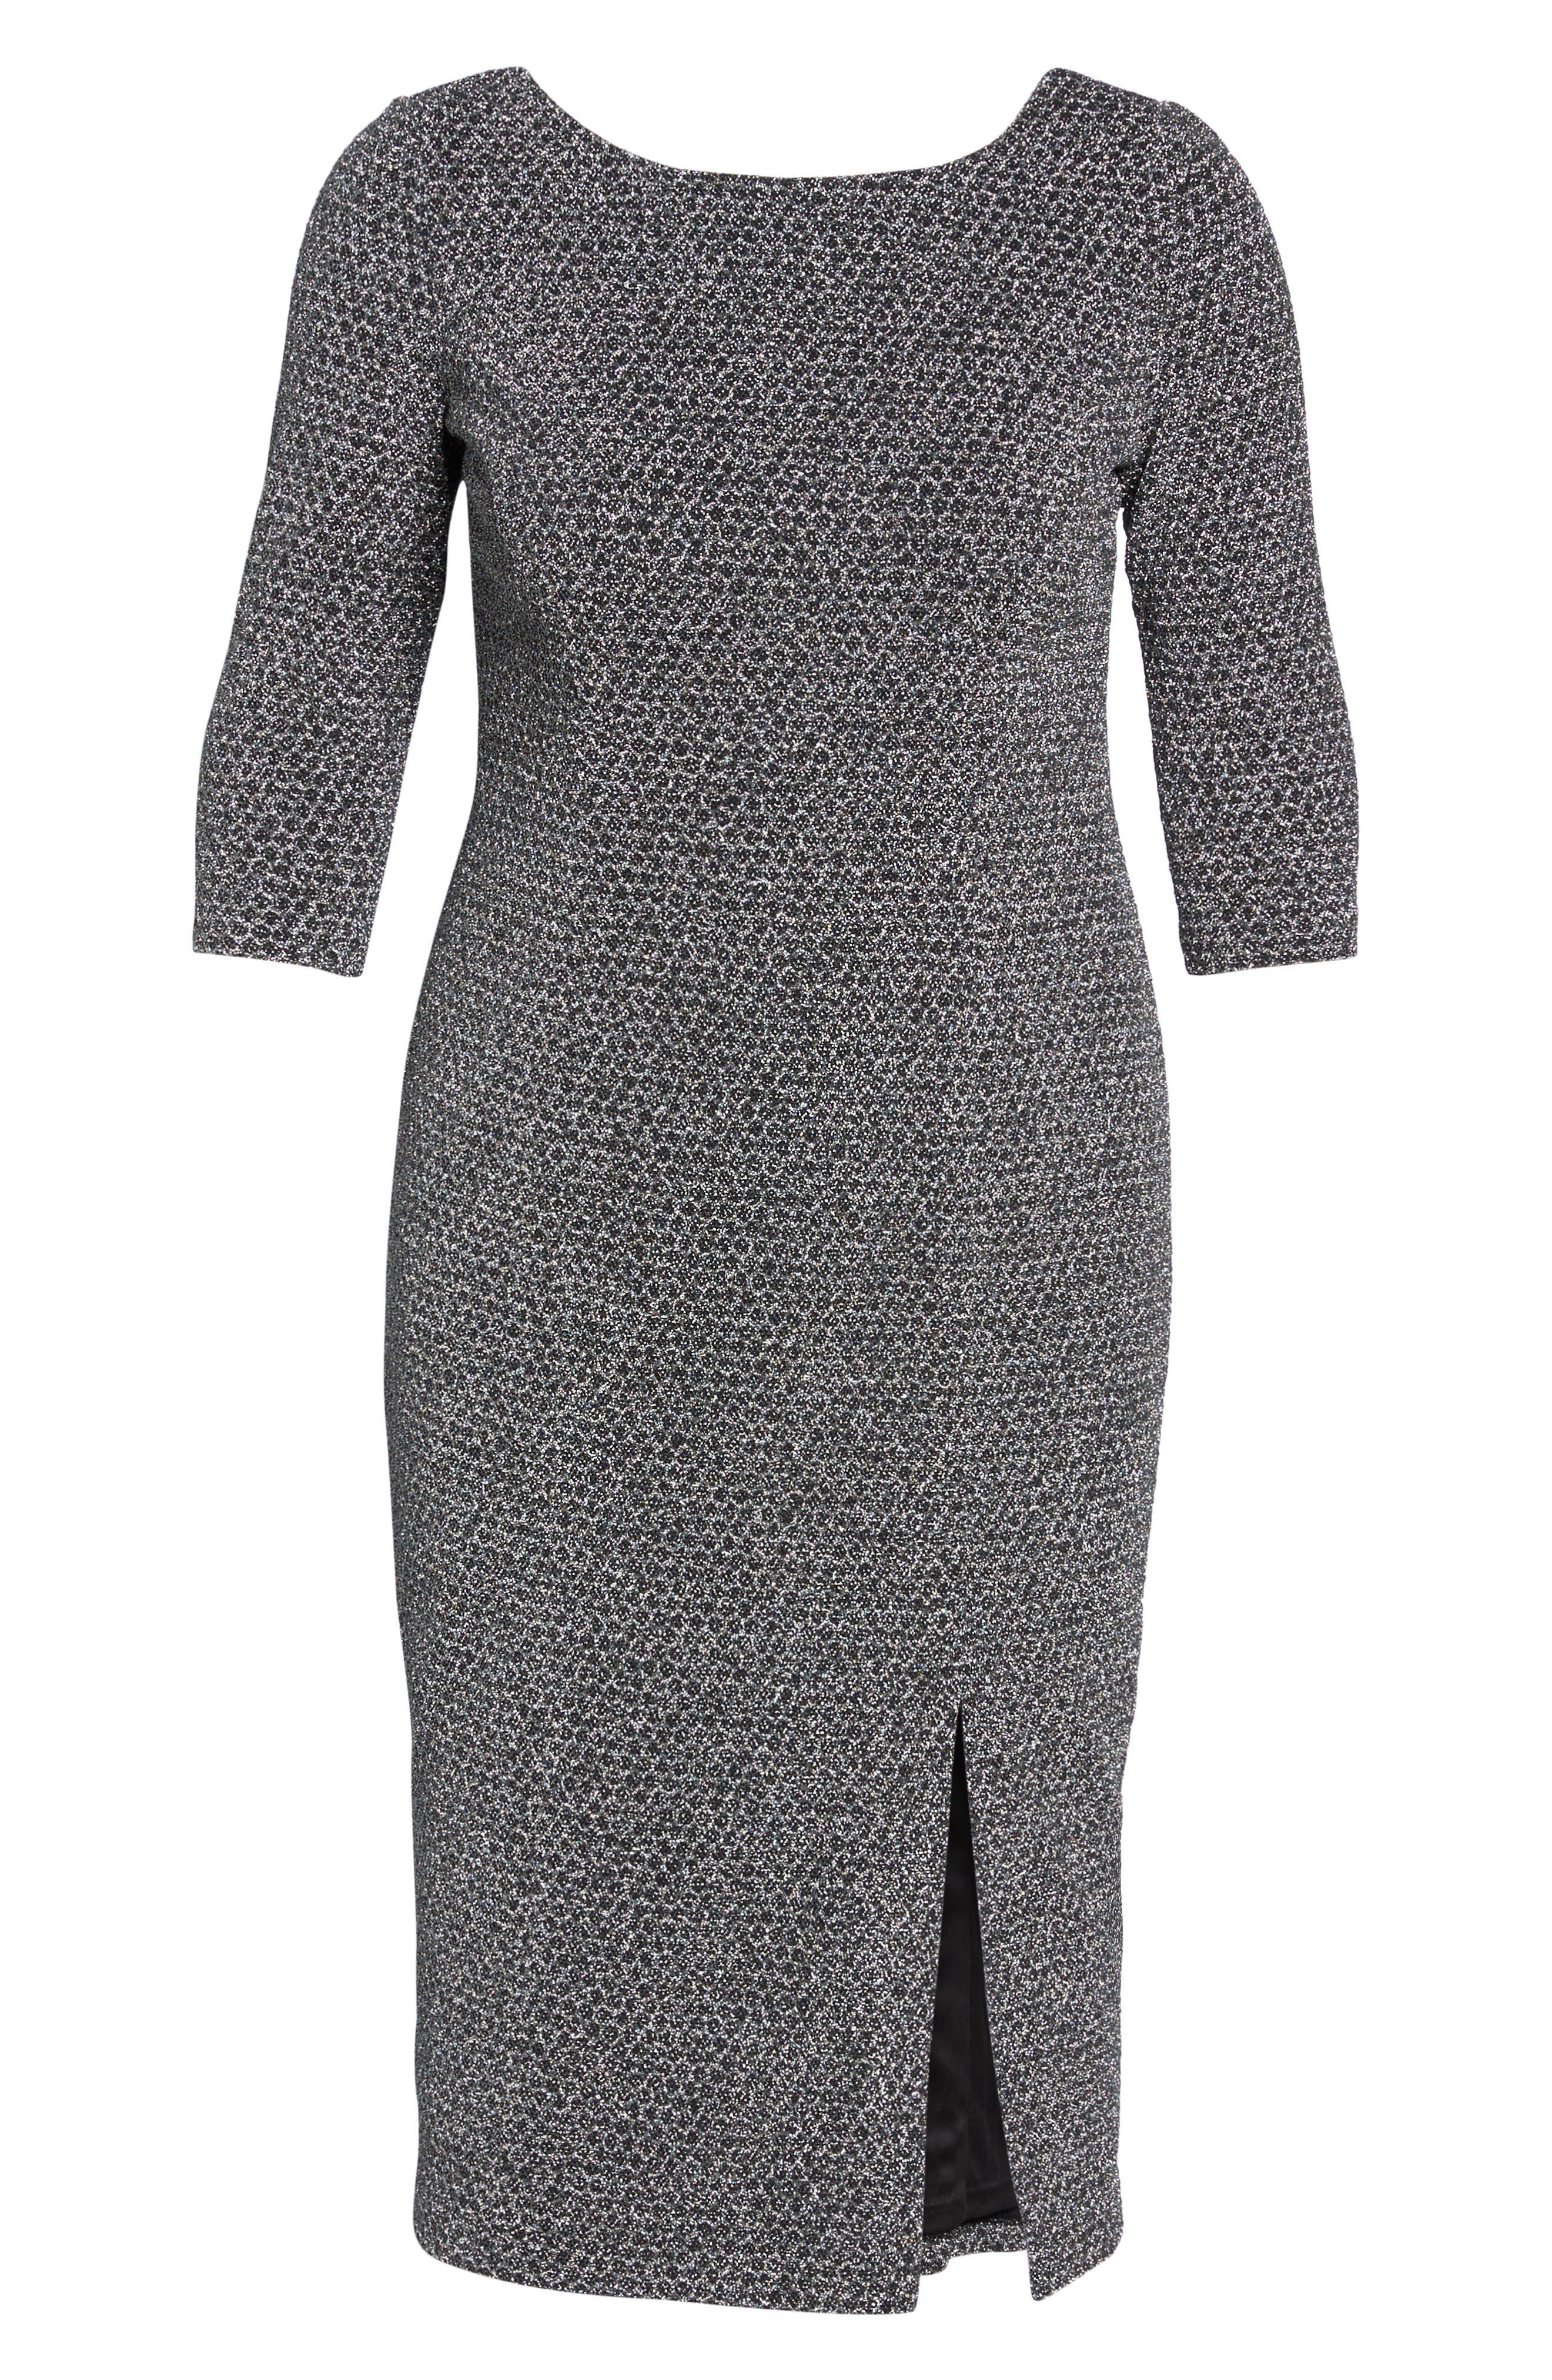 Glitter Knit Sheath Dress,                             Alternate thumbnail 6, color,